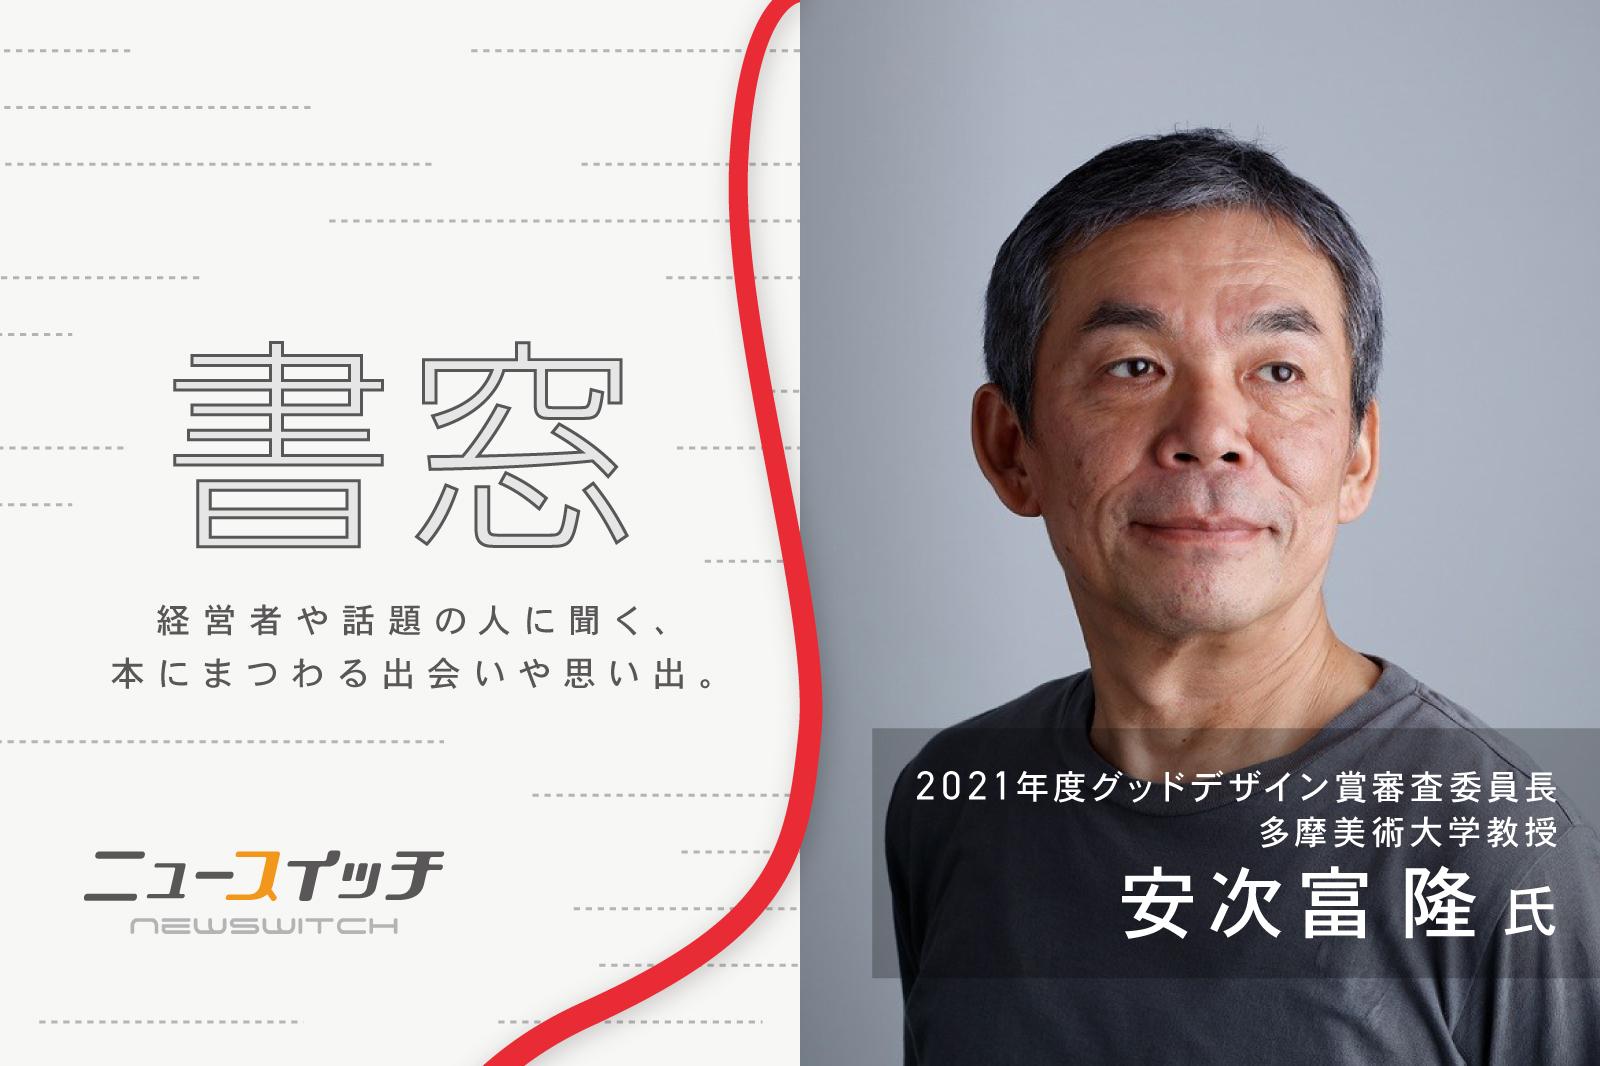 ソニー・井深大氏の言葉がデザインの助けになってきた